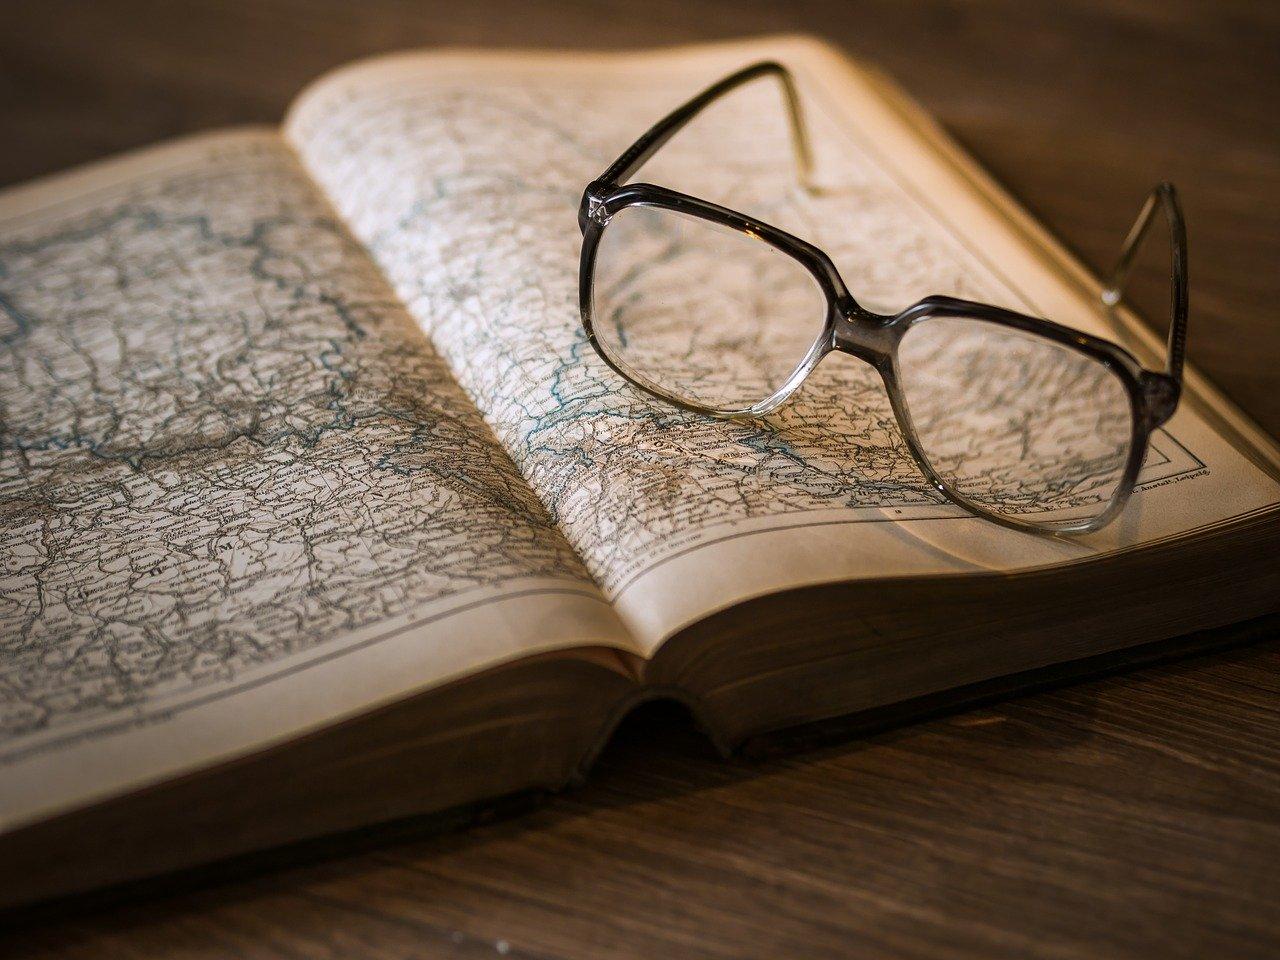 Kitap Kütüphane Bilgi Reform